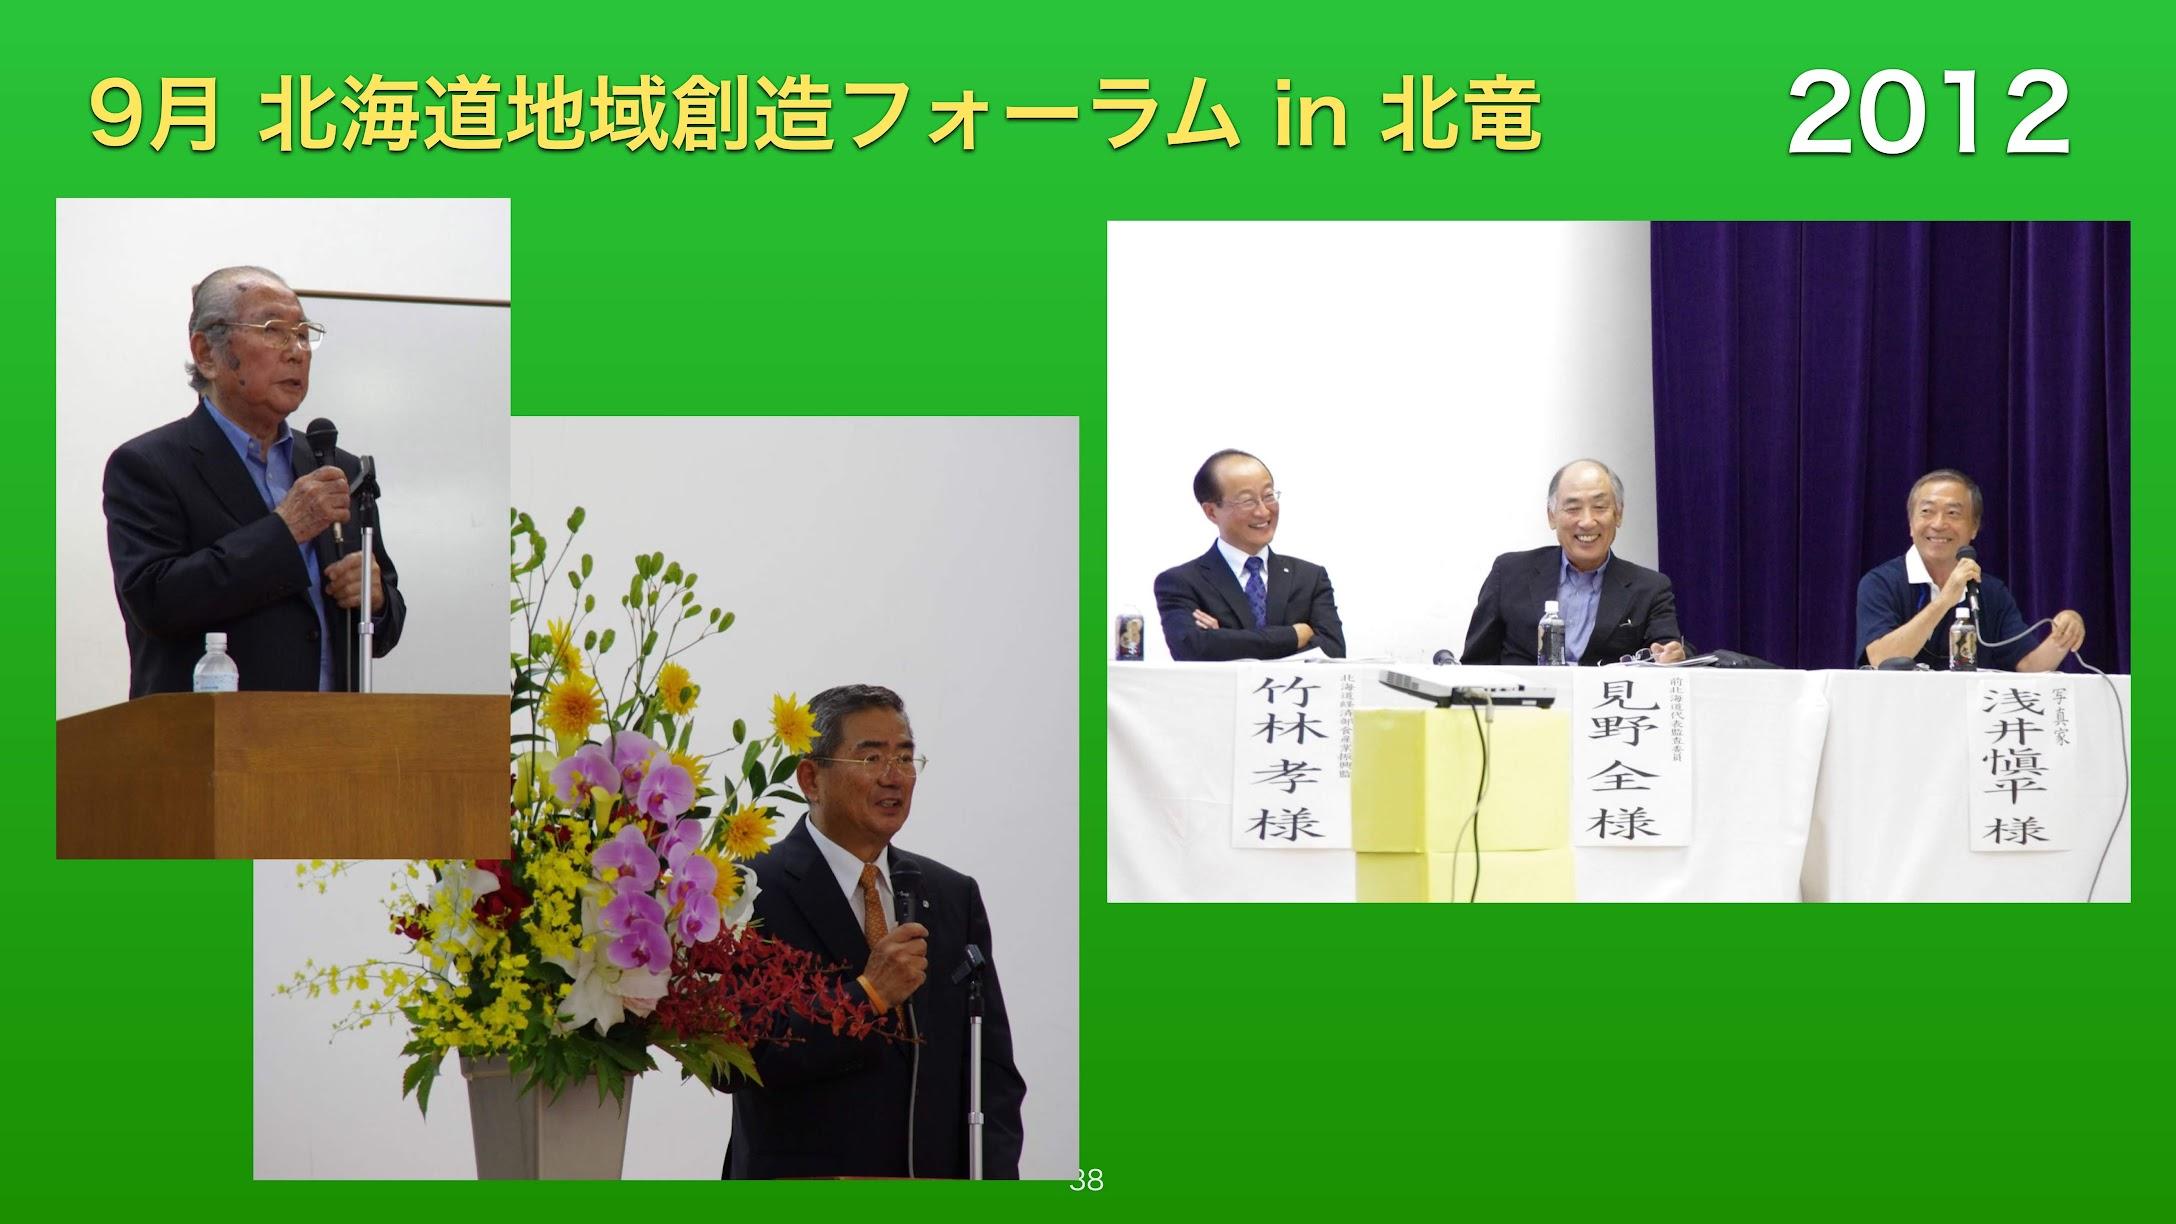 9月:北海道地域創造フォーラム in 北竜